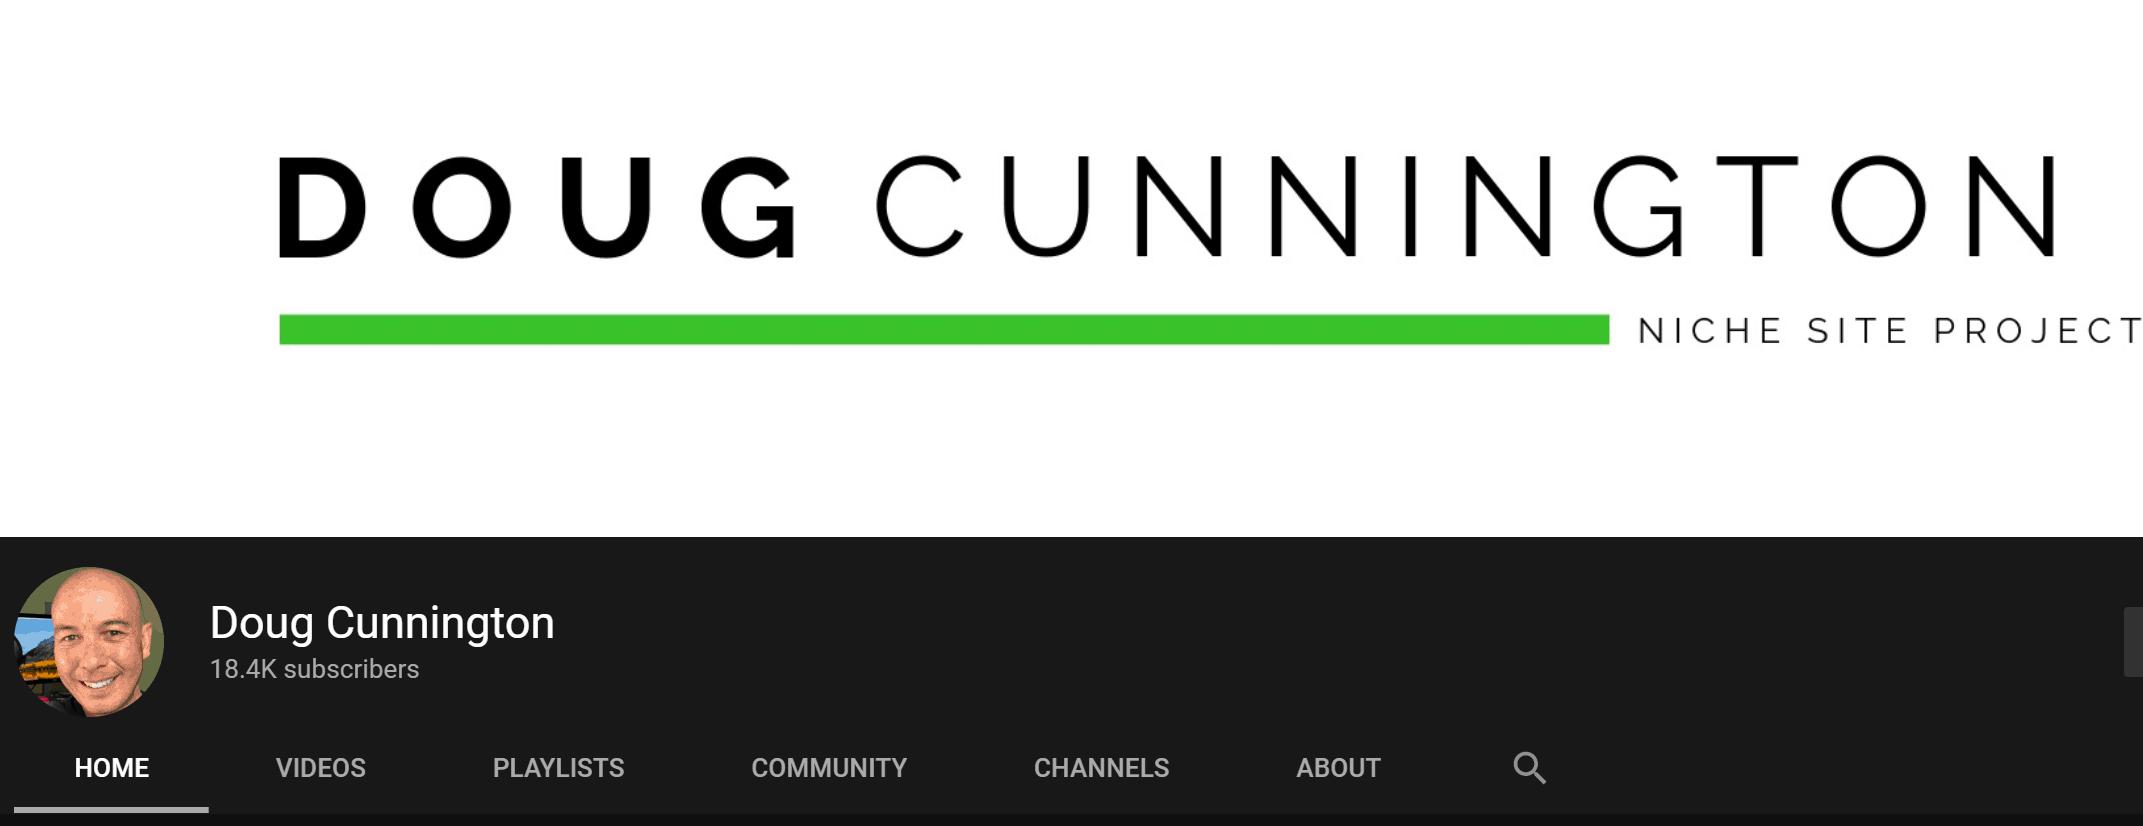 Doug Cunnington Youtube Channel